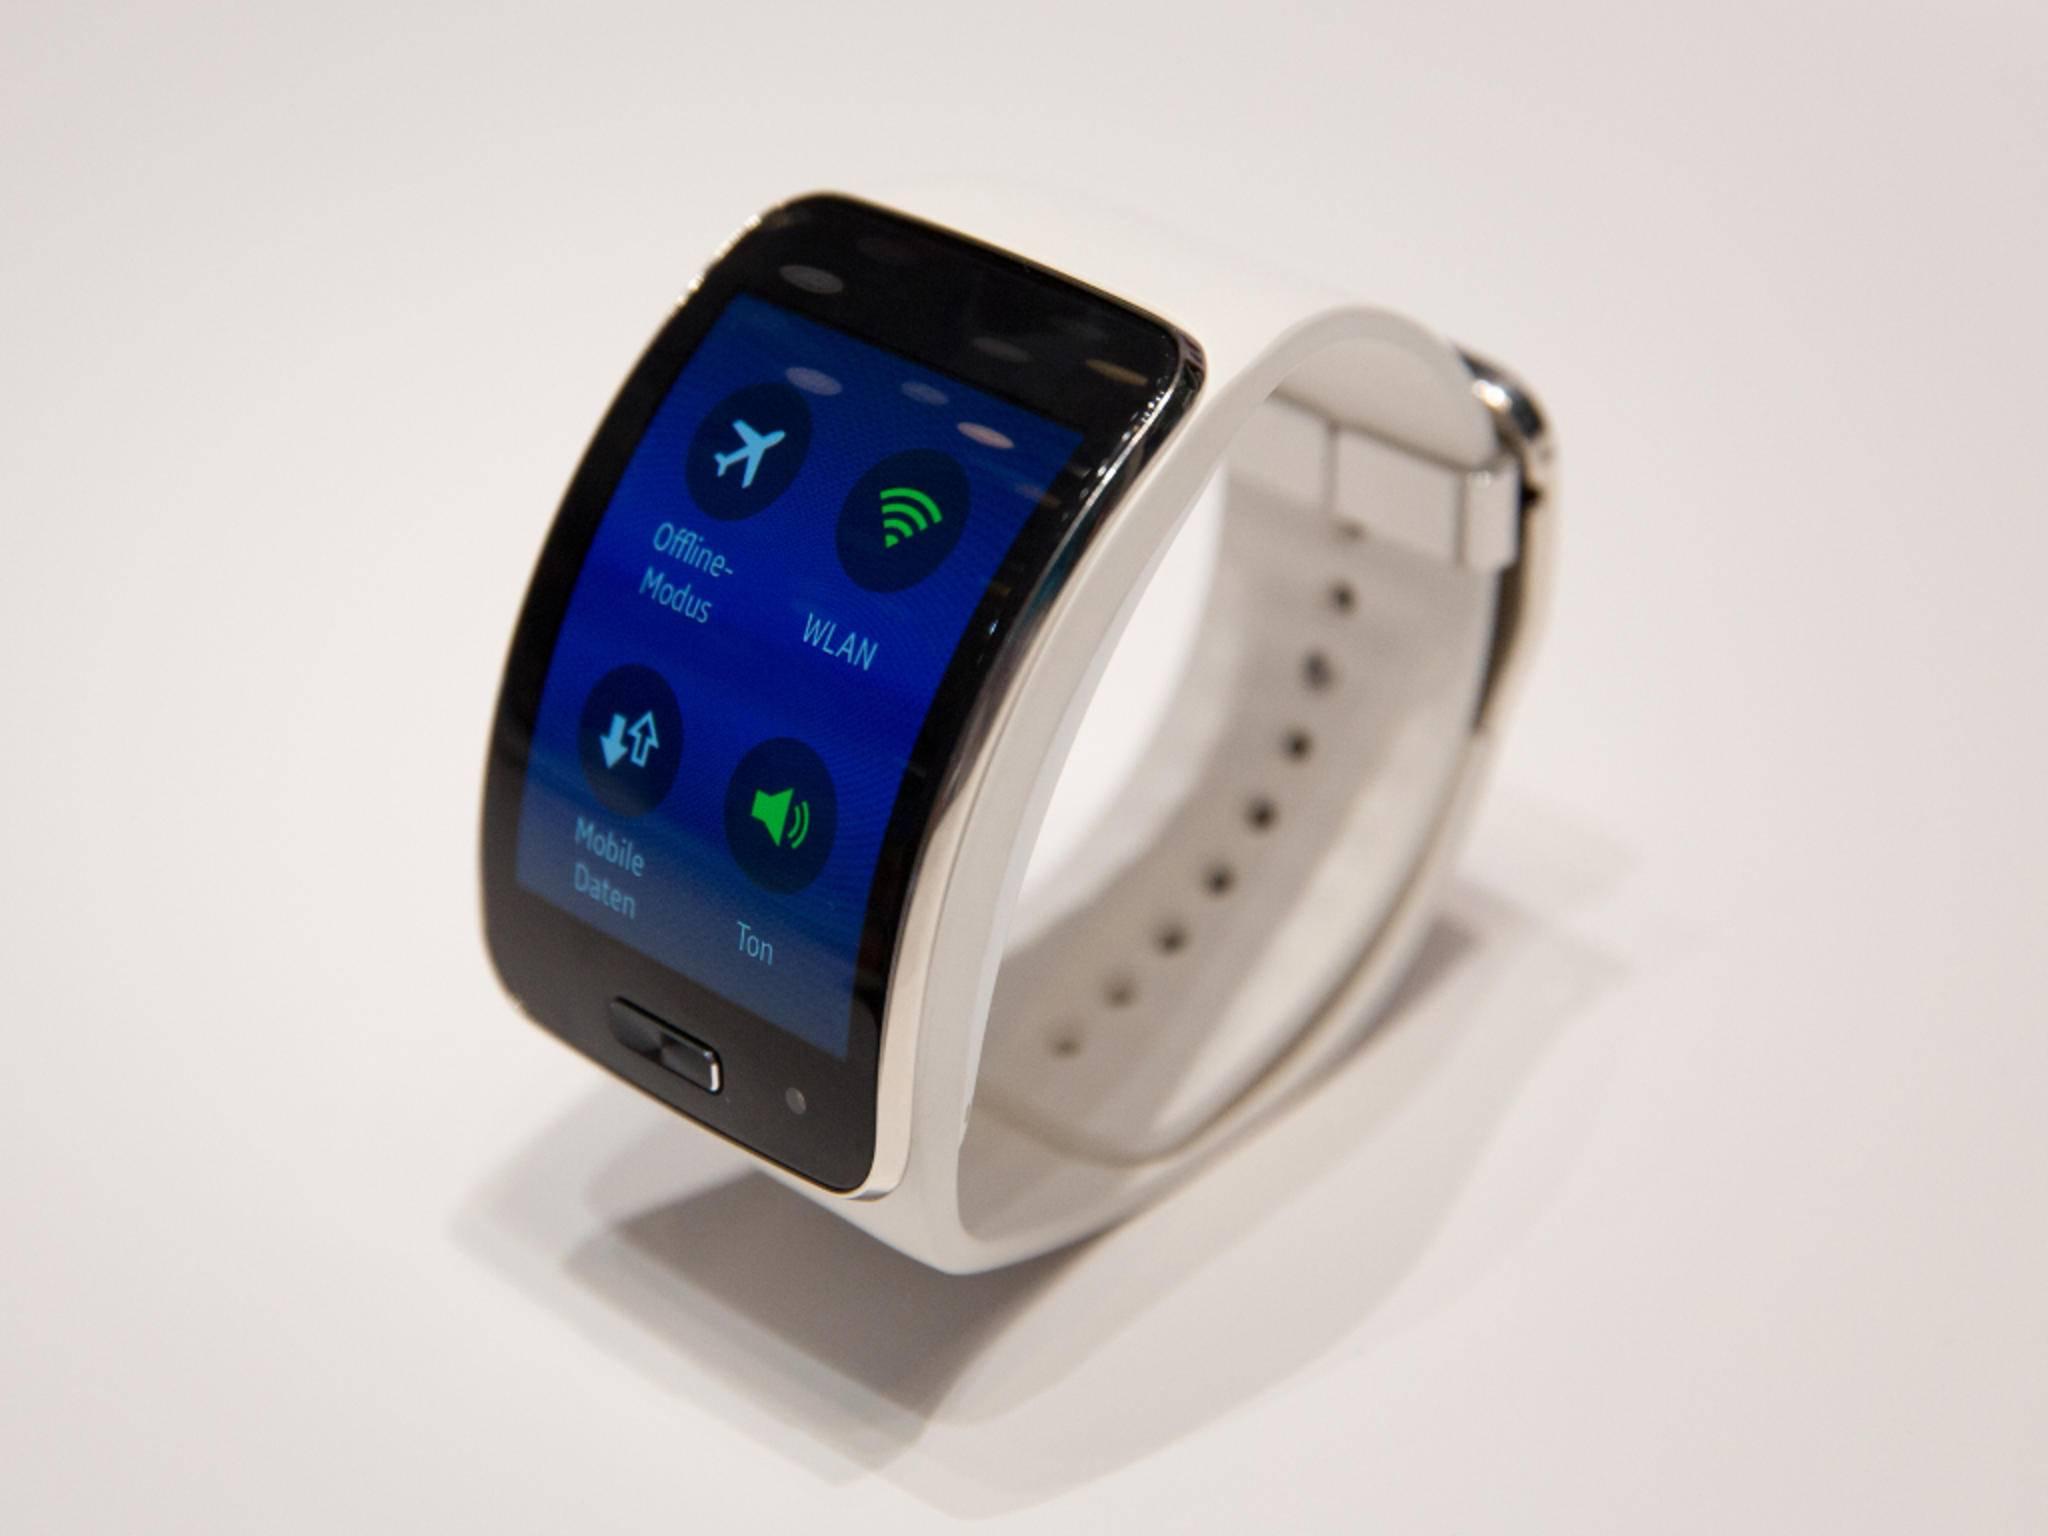 Wie sinnvoll sind Smartwatches heutzutage eigentlich?